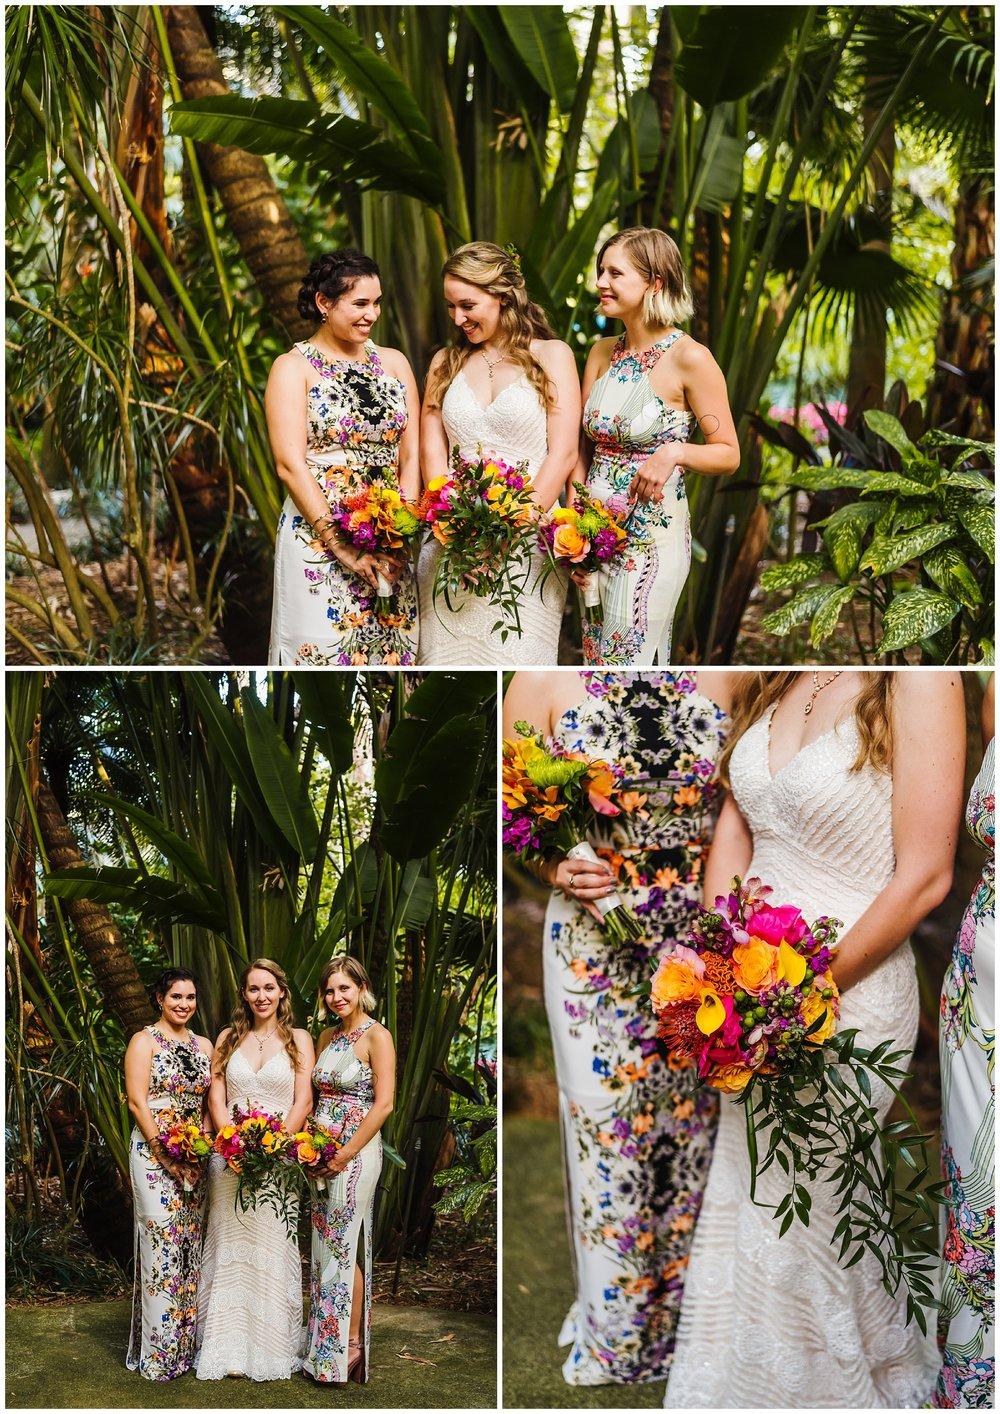 st-pete-wedding-photographer-post-card-inn-sunken-gardens-hawaiian-theme-dueling-pianos_0036.jpg